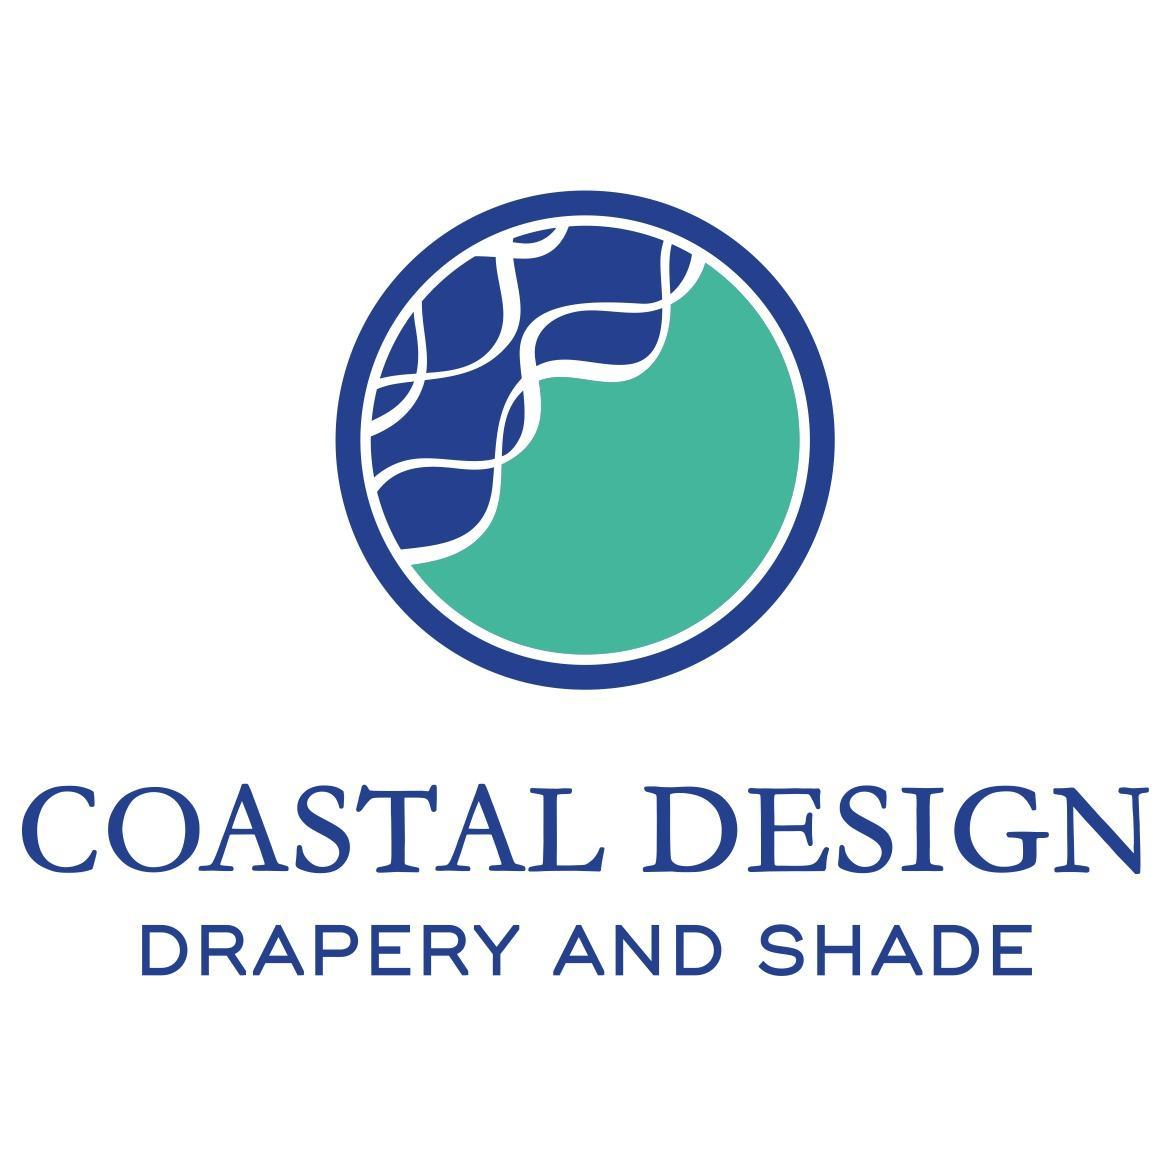 Coastal Design Drapery and Shade